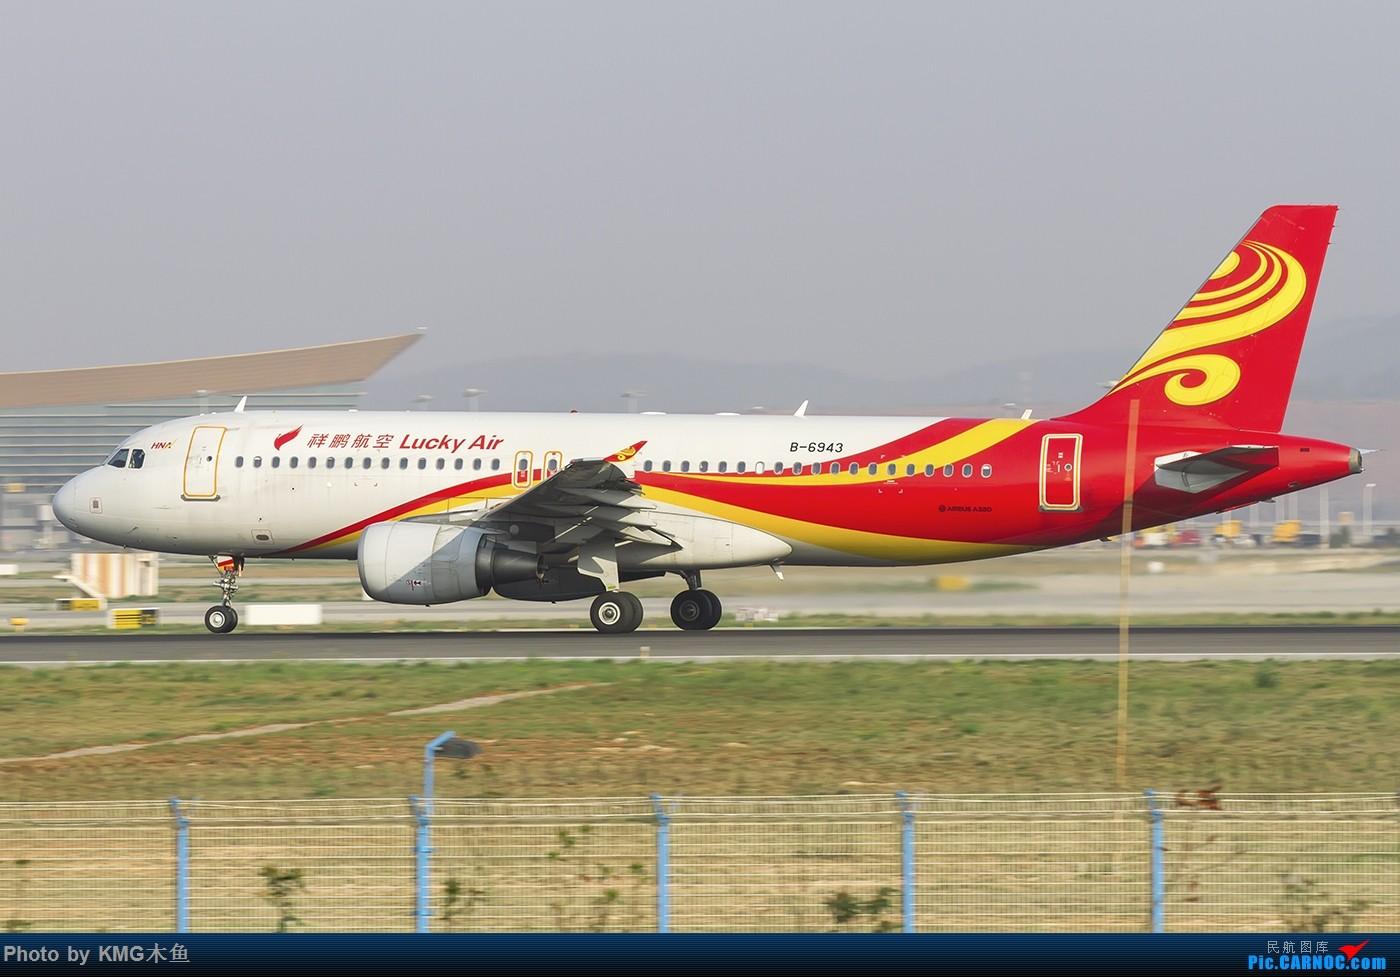 Re:[原创]【昆明飞友会—KMG木鱼】2016年4月的最后一天,去的很早,天气却不太好 AIRBUS A320-200 B-6943 中国昆明长水国际机场